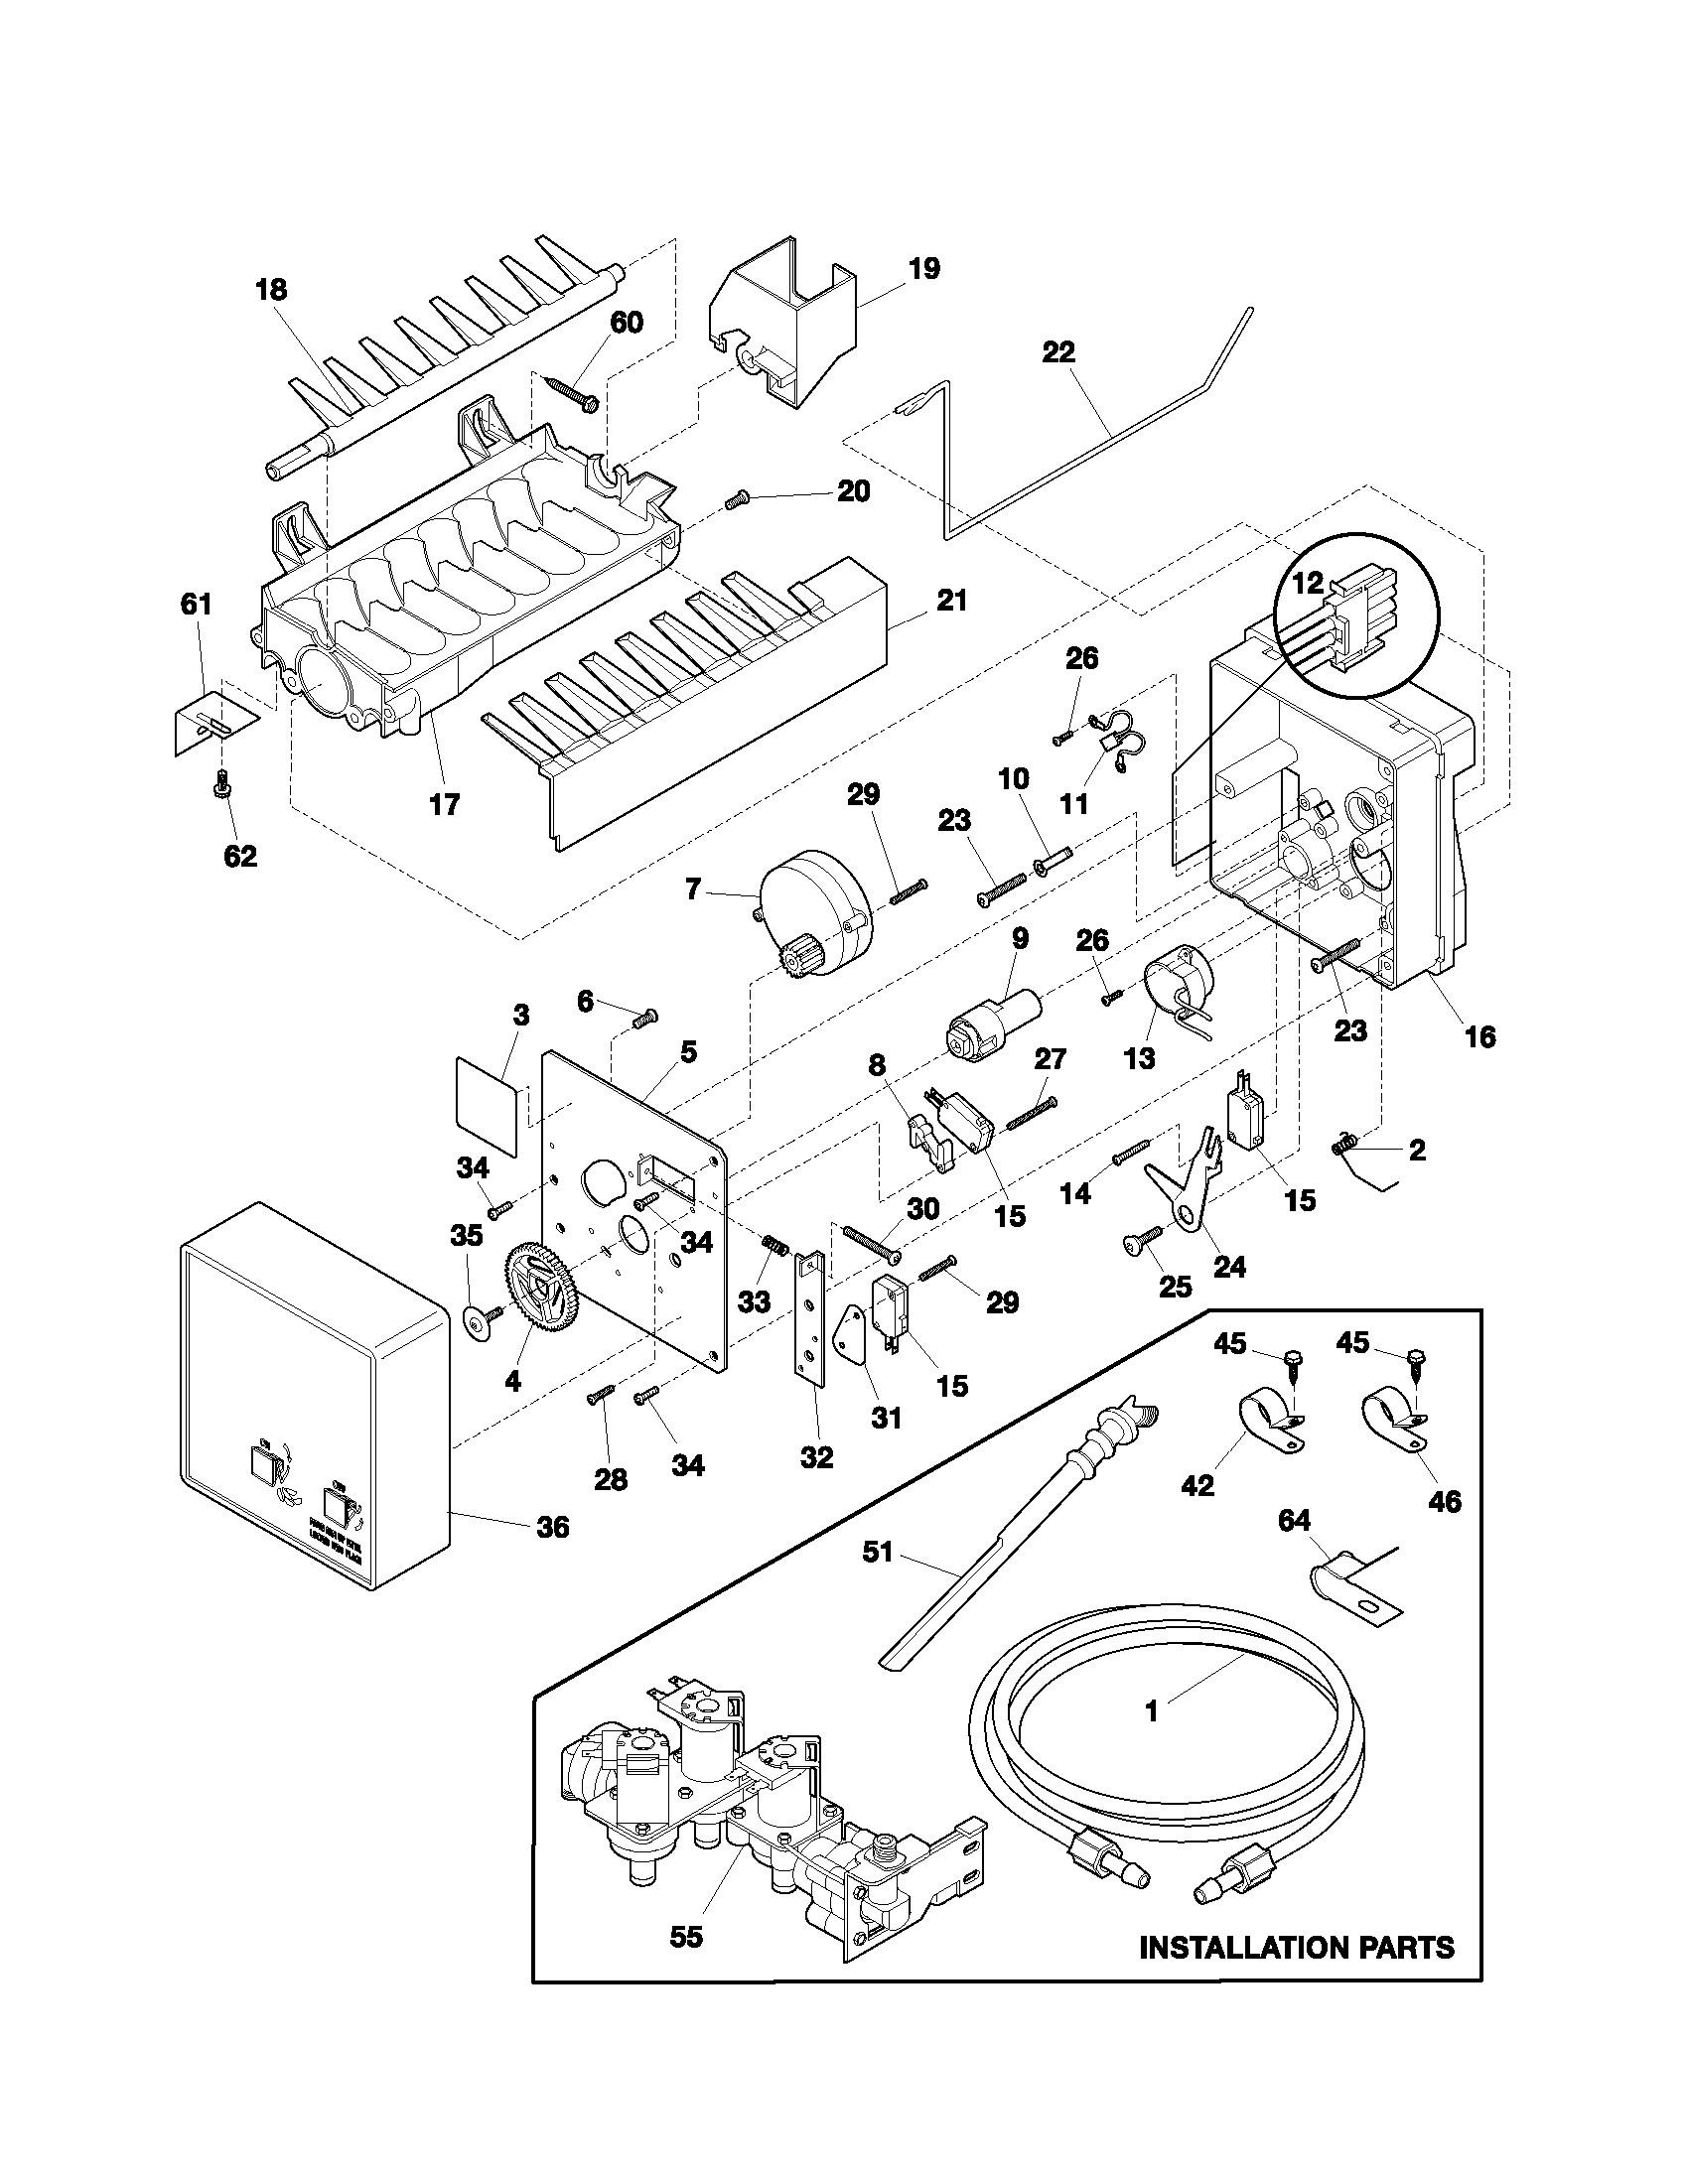 Electrolux Refrigerator Parts Diagram